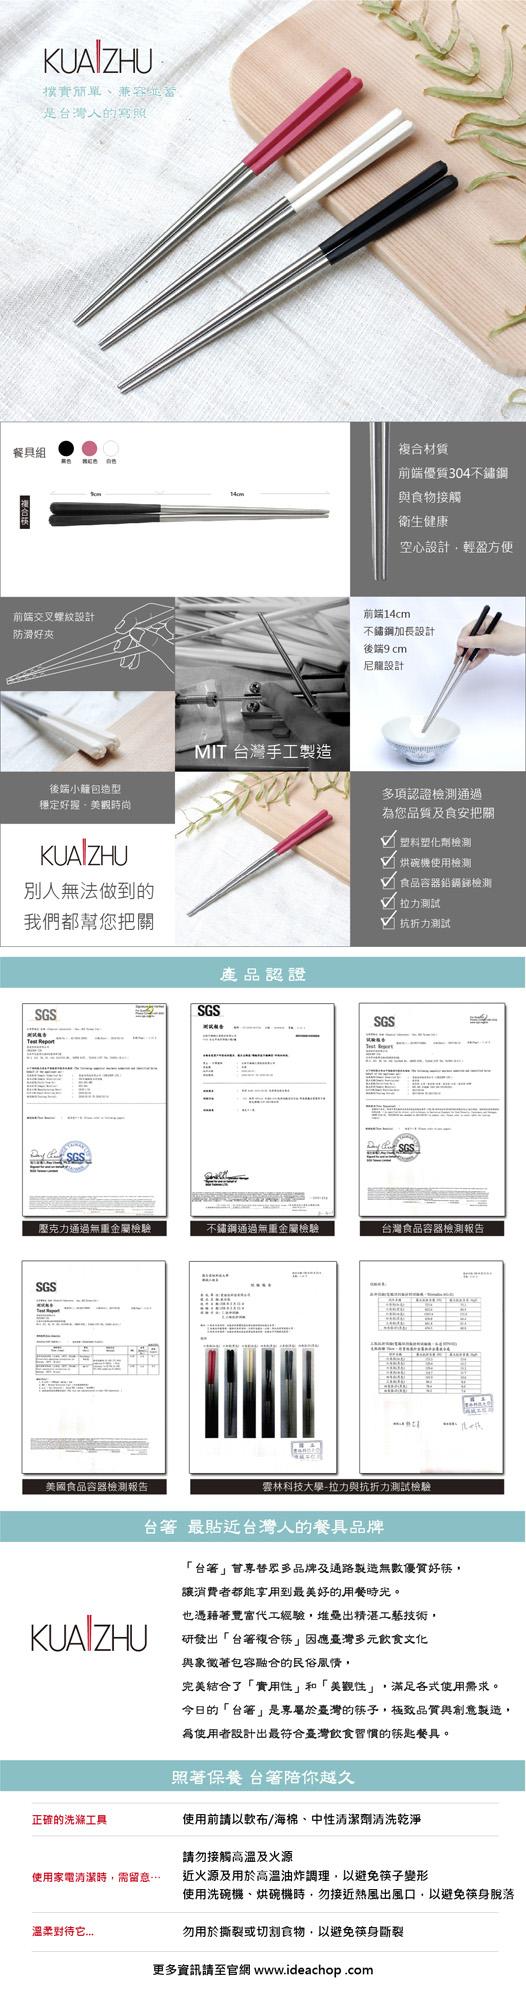 台箸 KUAI ZHU|創意六角好筷23cm 茜紅 5雙入